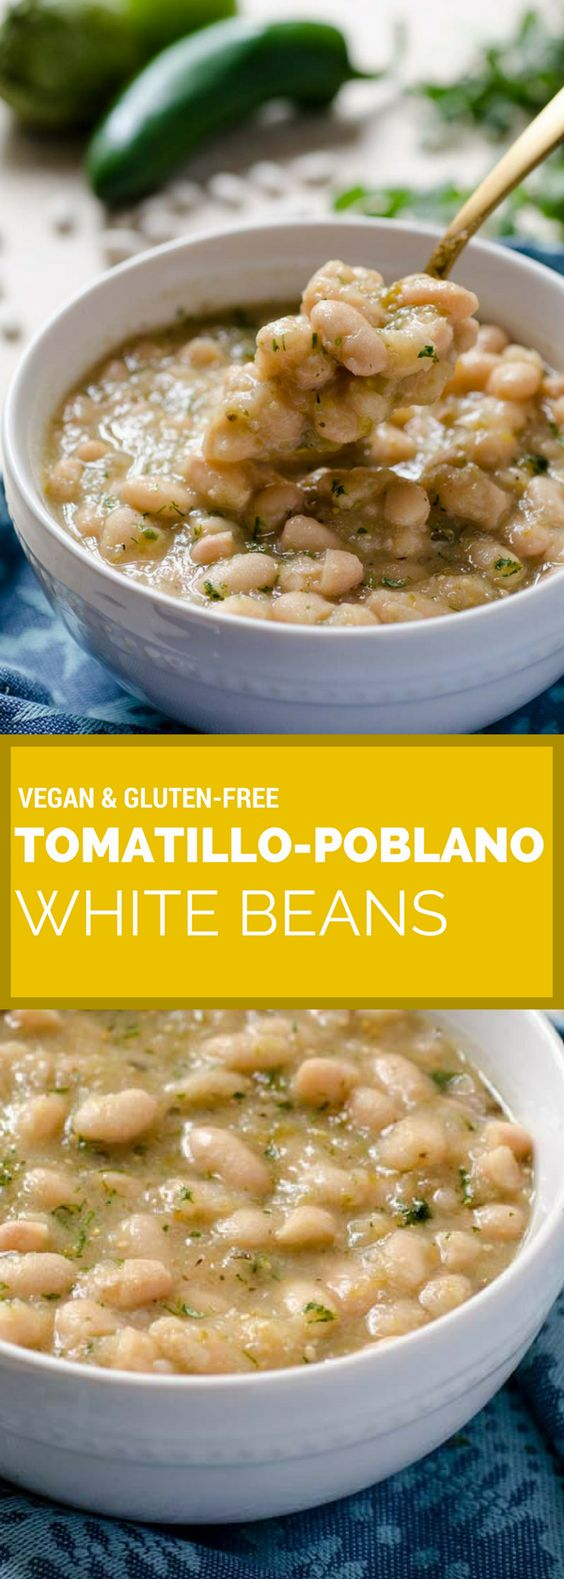 Tomatillo Poblano White Beans